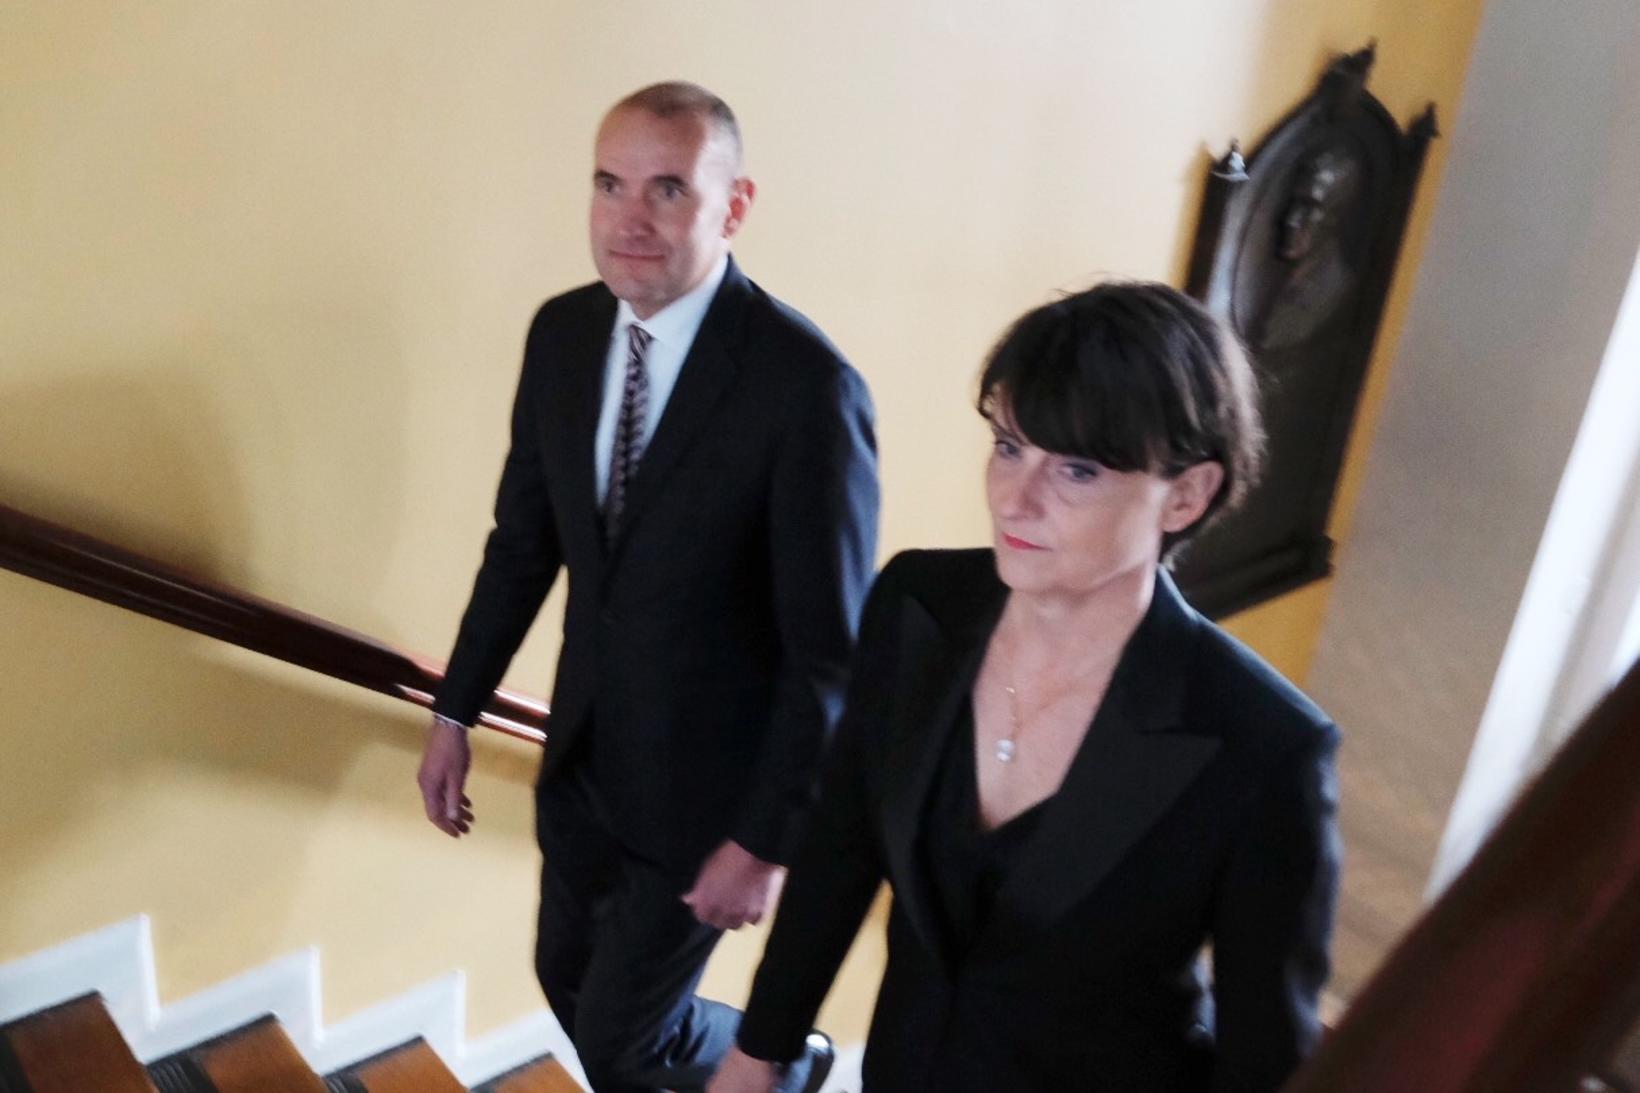 Guðni Th. Jóhannesson forseti og Ragna Árnadóttir skrifstofustjóri Alþingis.